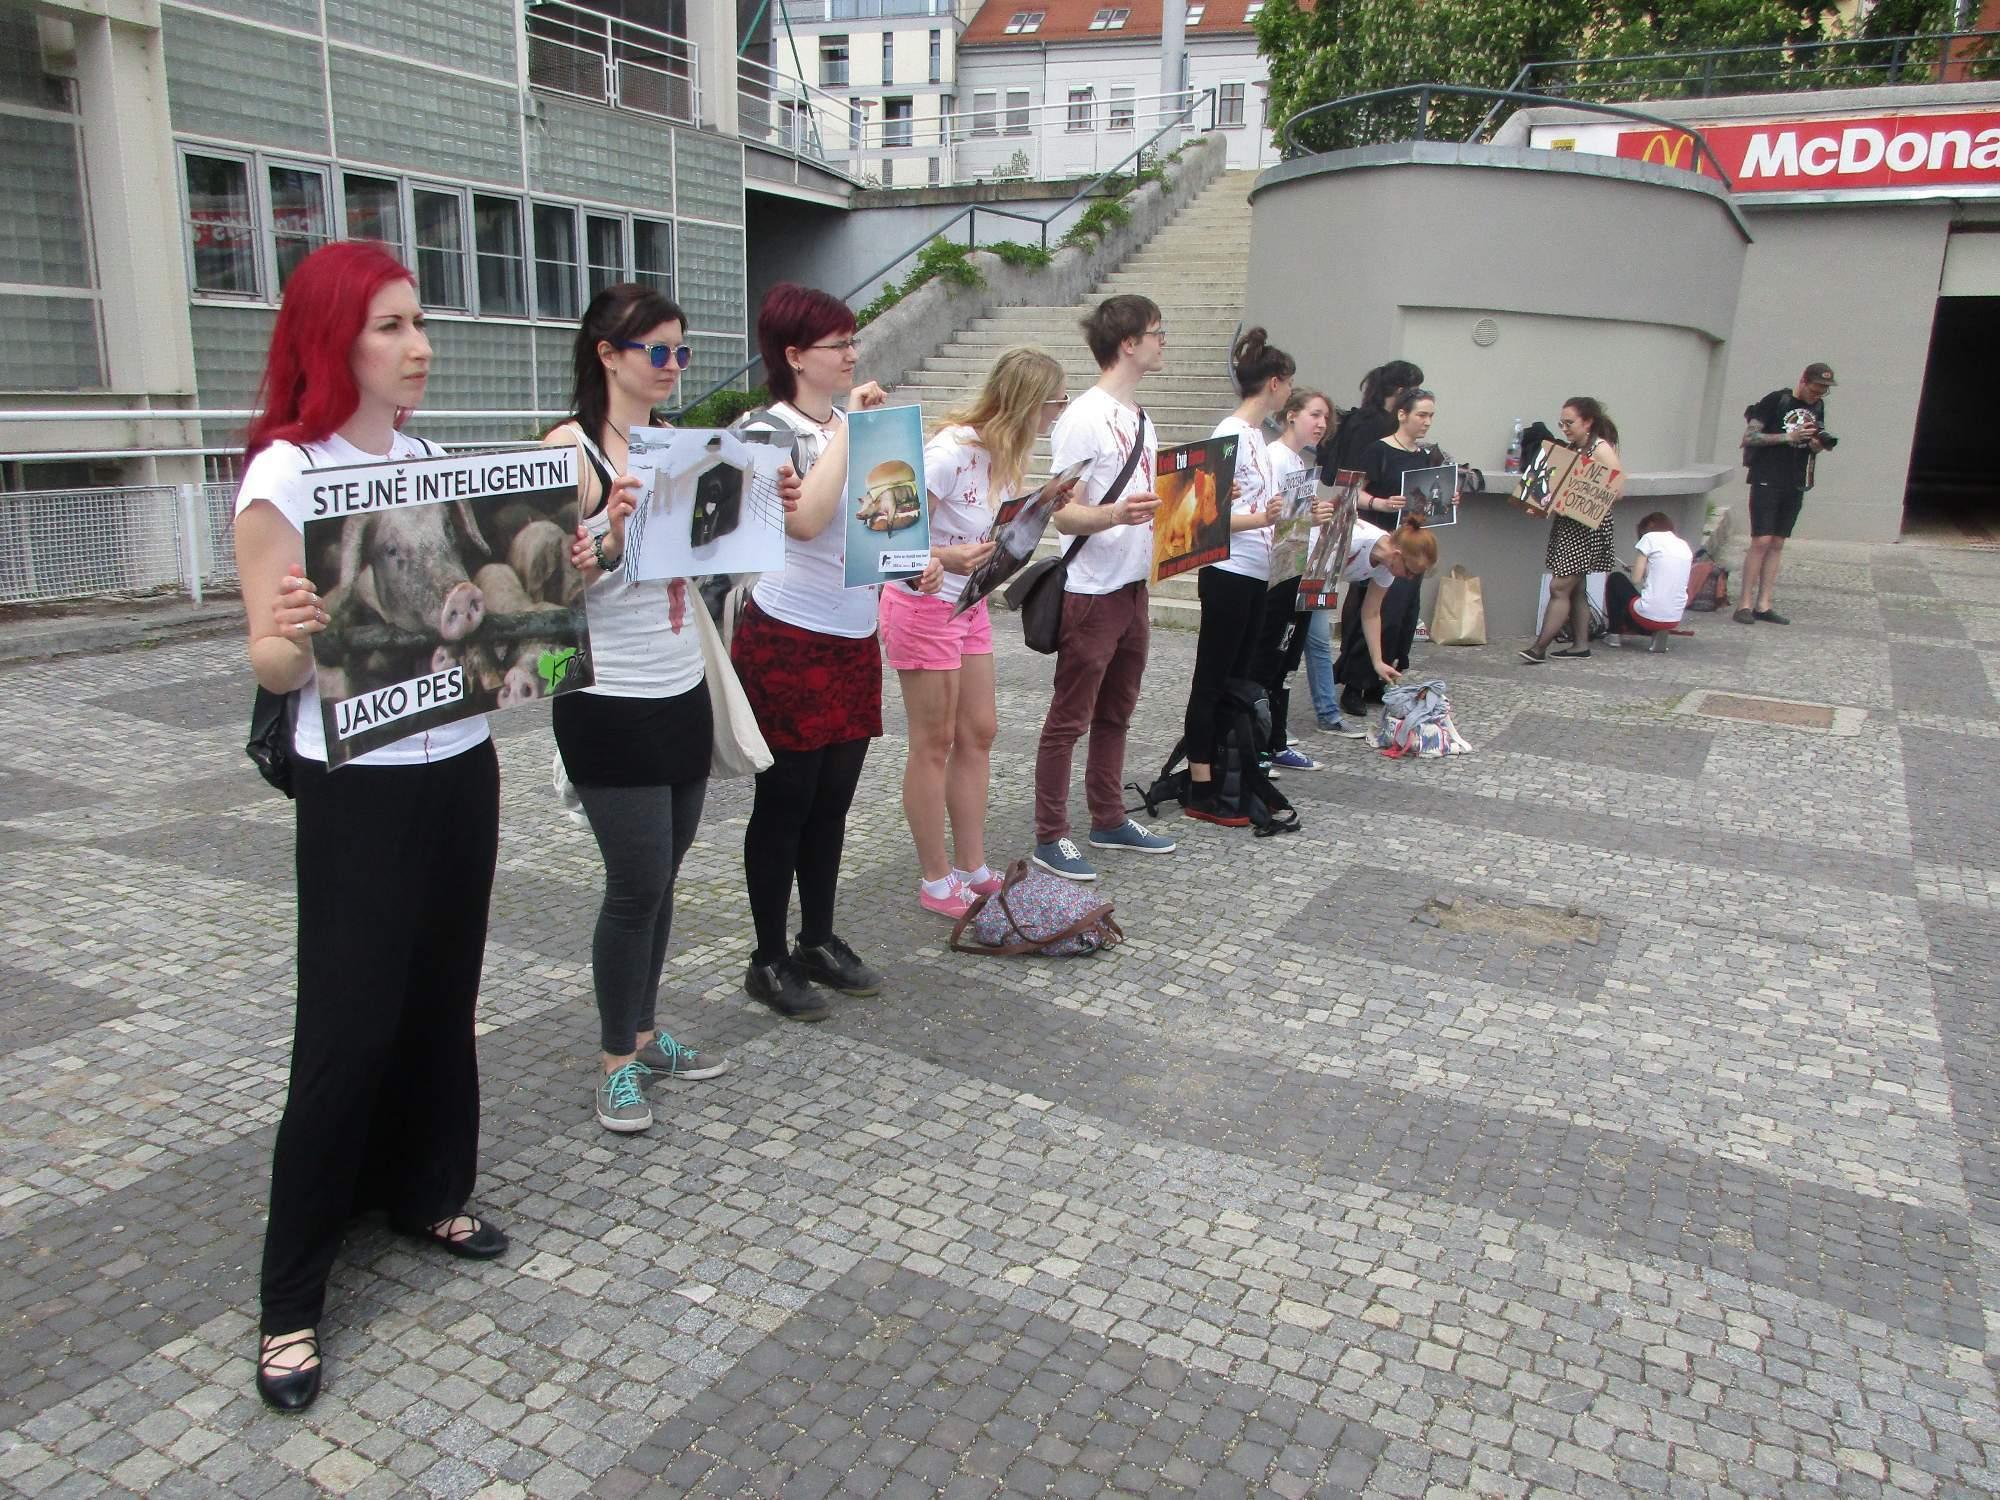 Hlavní část protestu se odehrála před výstavitěm. Foto: Dominika Sladká.